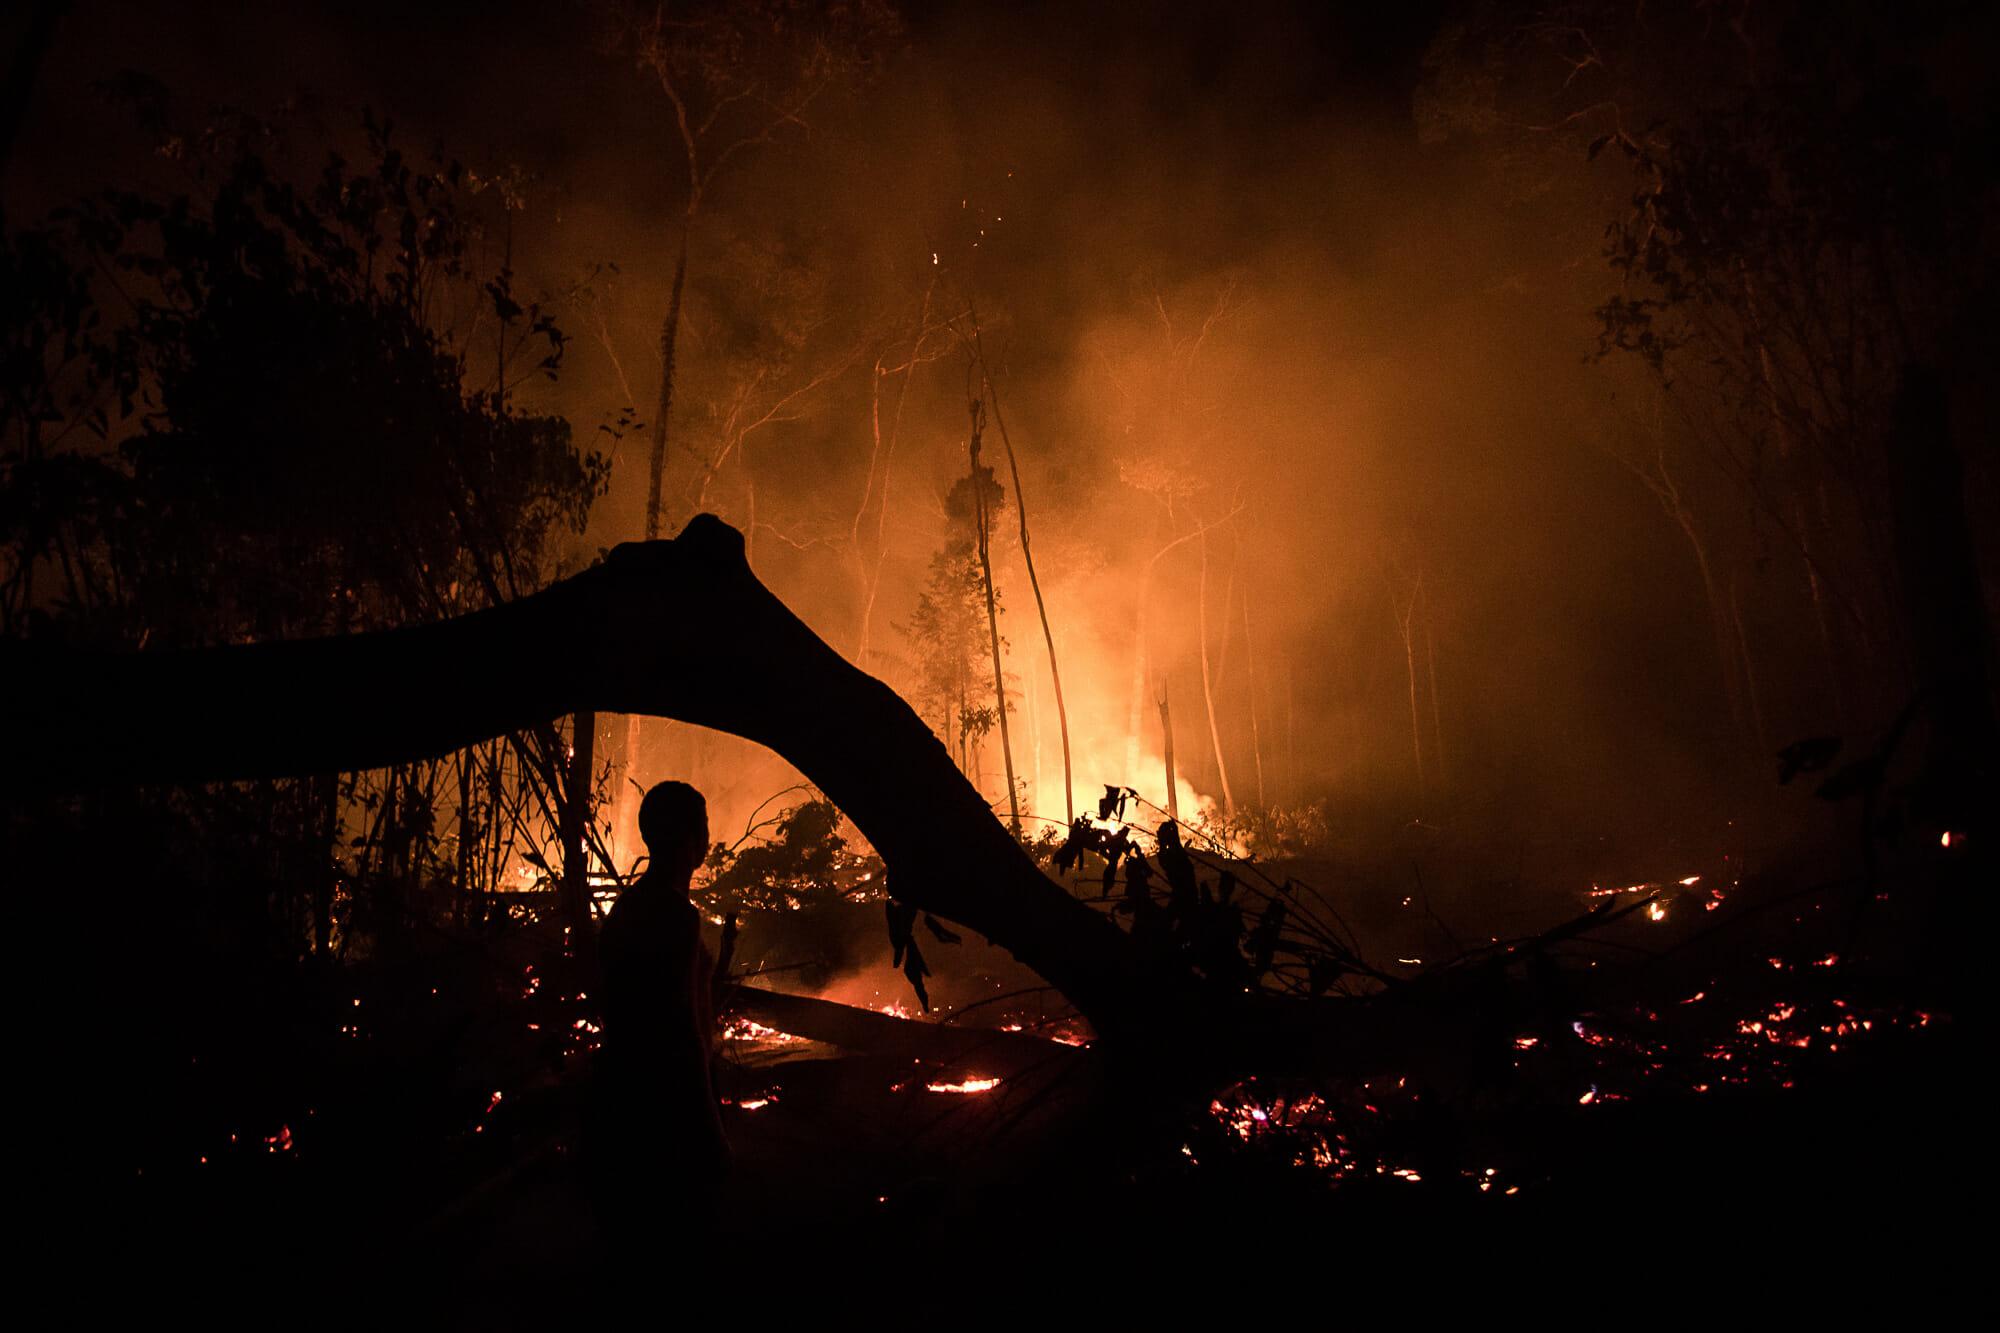 Amazônia em Chamas 20: Queimadas consomem árvores e animais no sul do Amazonas